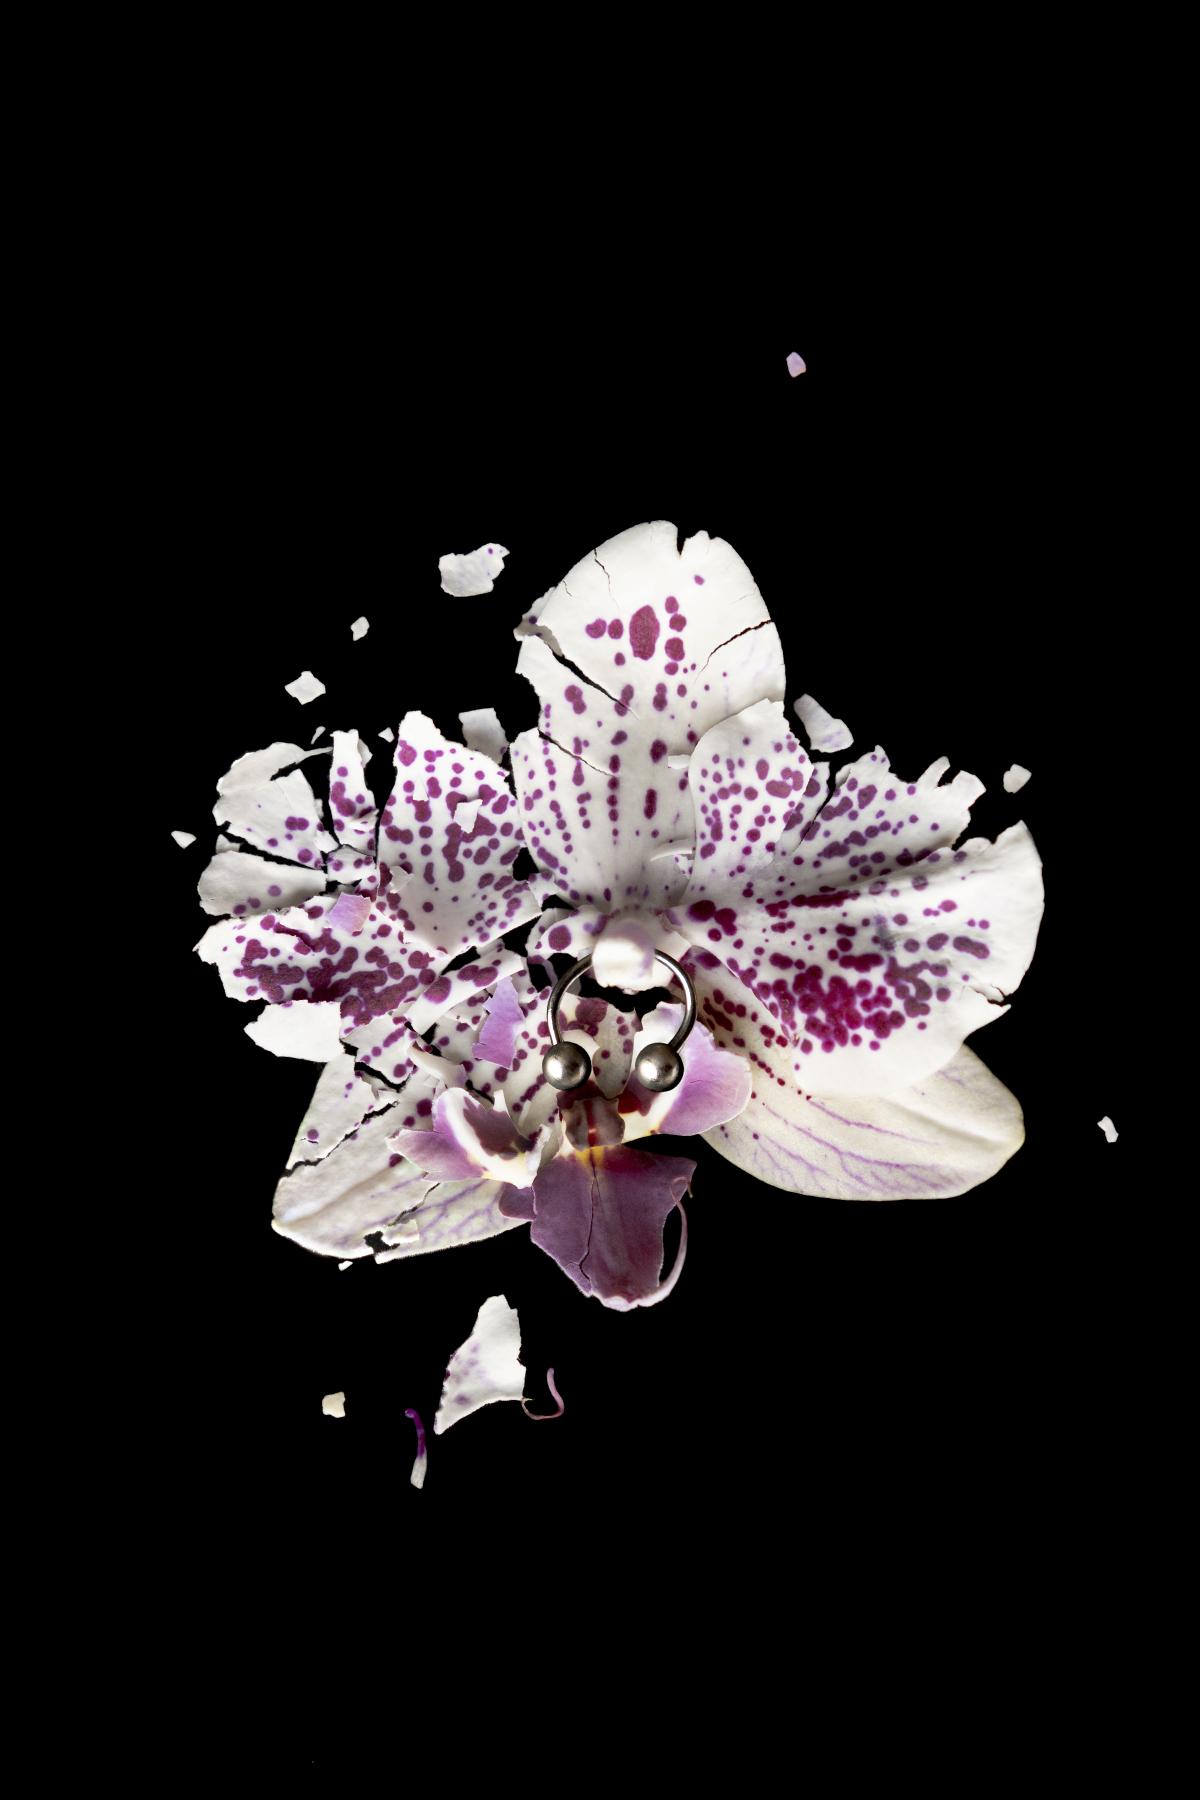 DSC00224-flower-bali-2018-sm.jpg